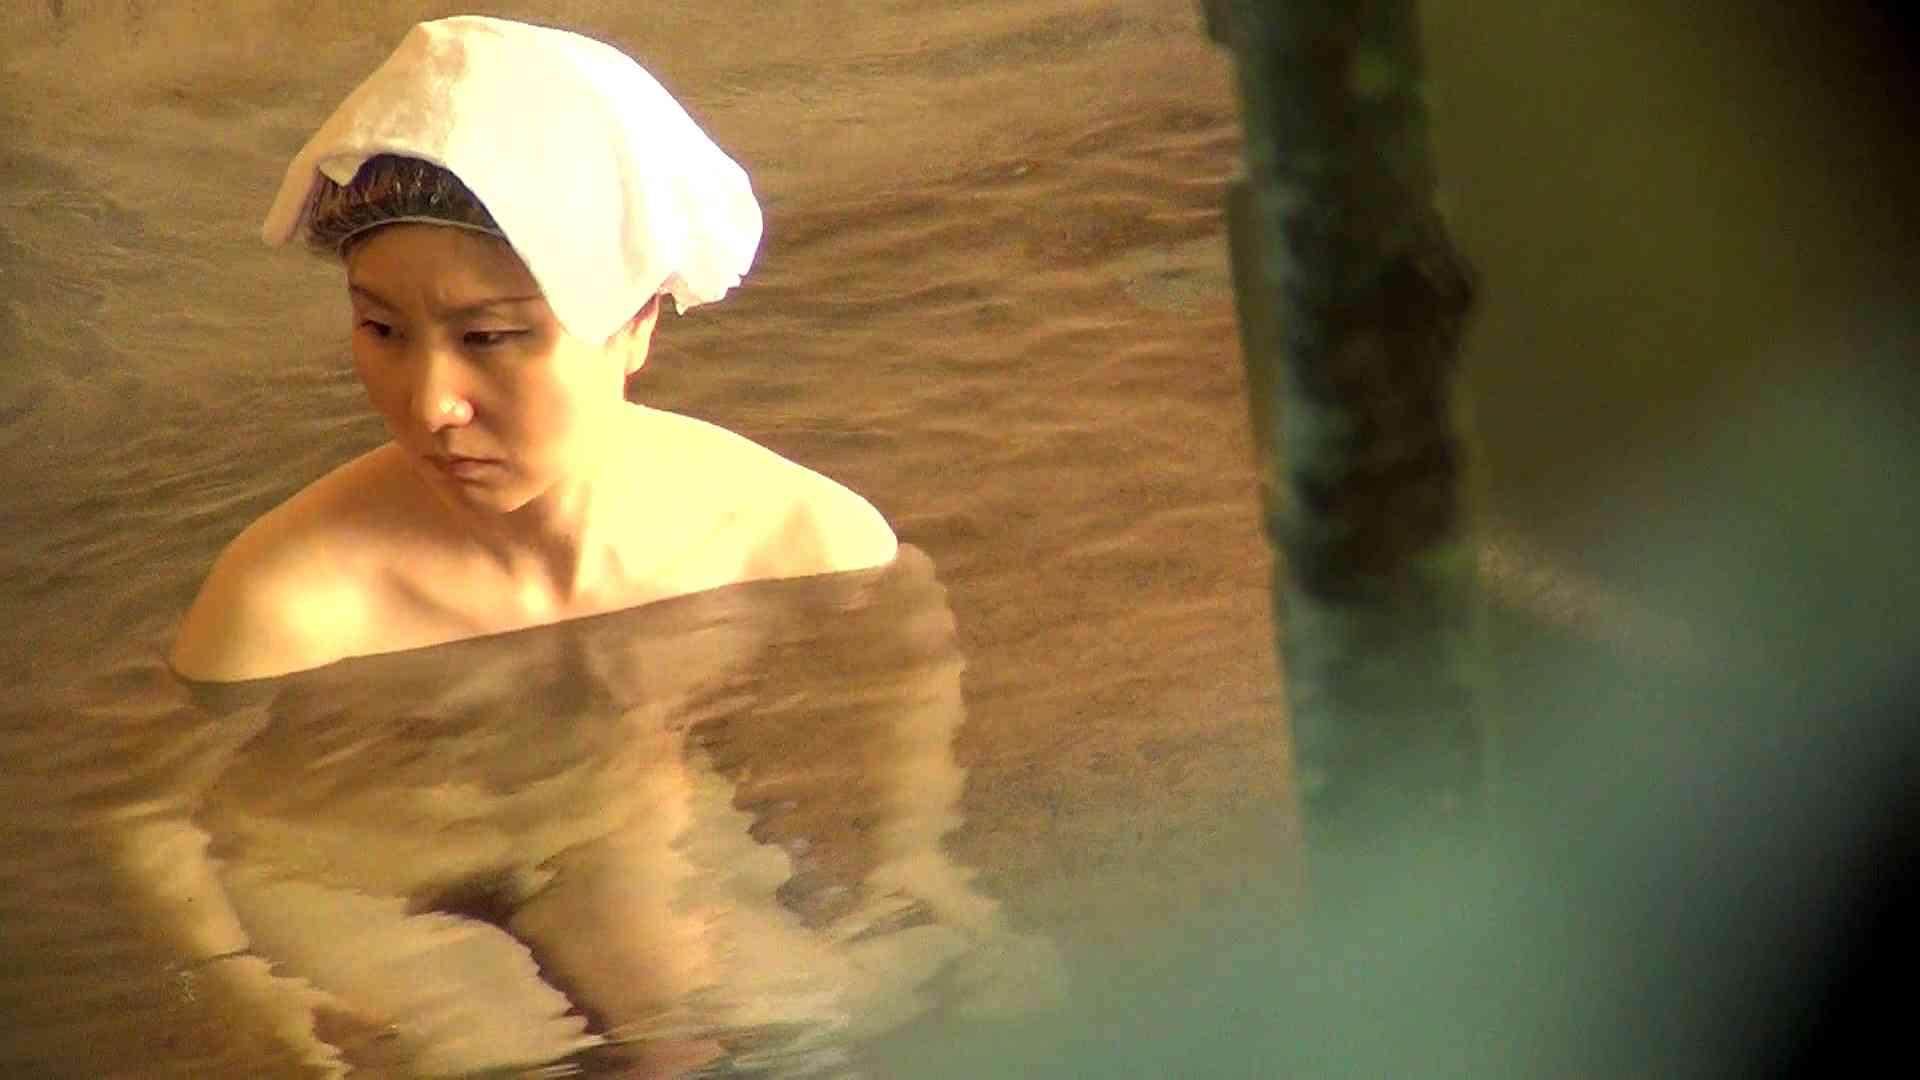 Aquaな露天風呂Vol.278 盗撮  100画像 75